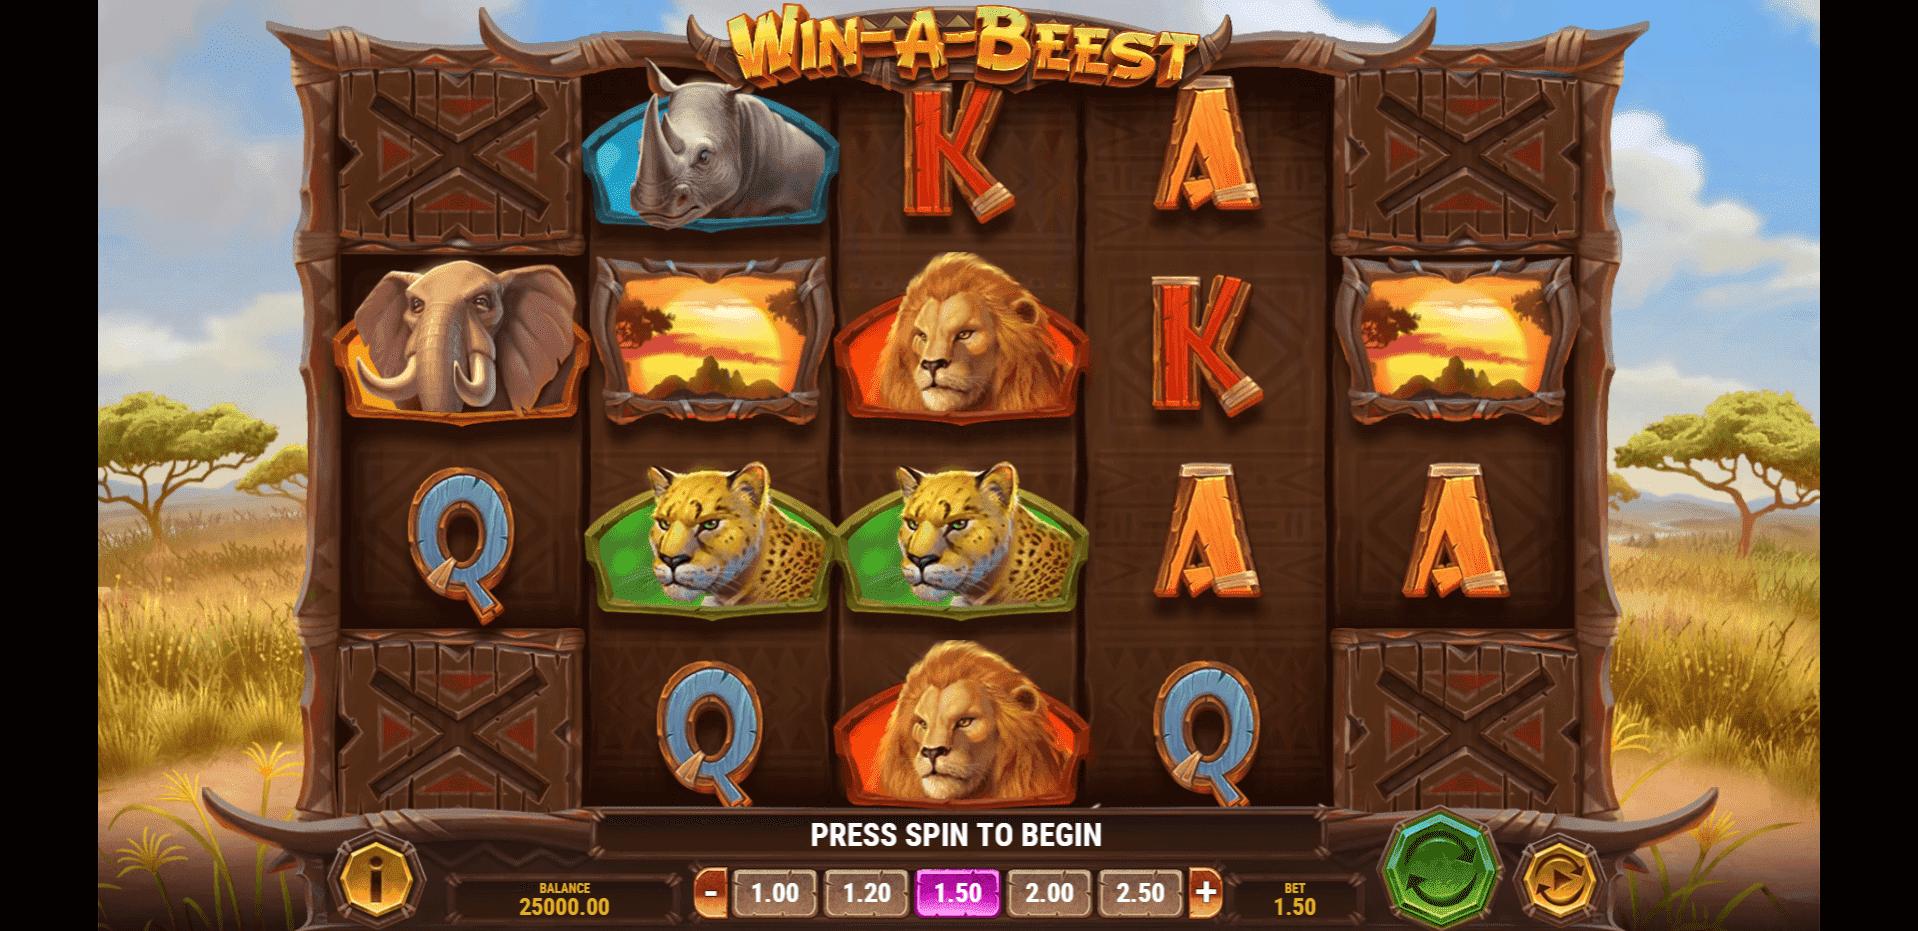 Win A Beest slot machine screenshot